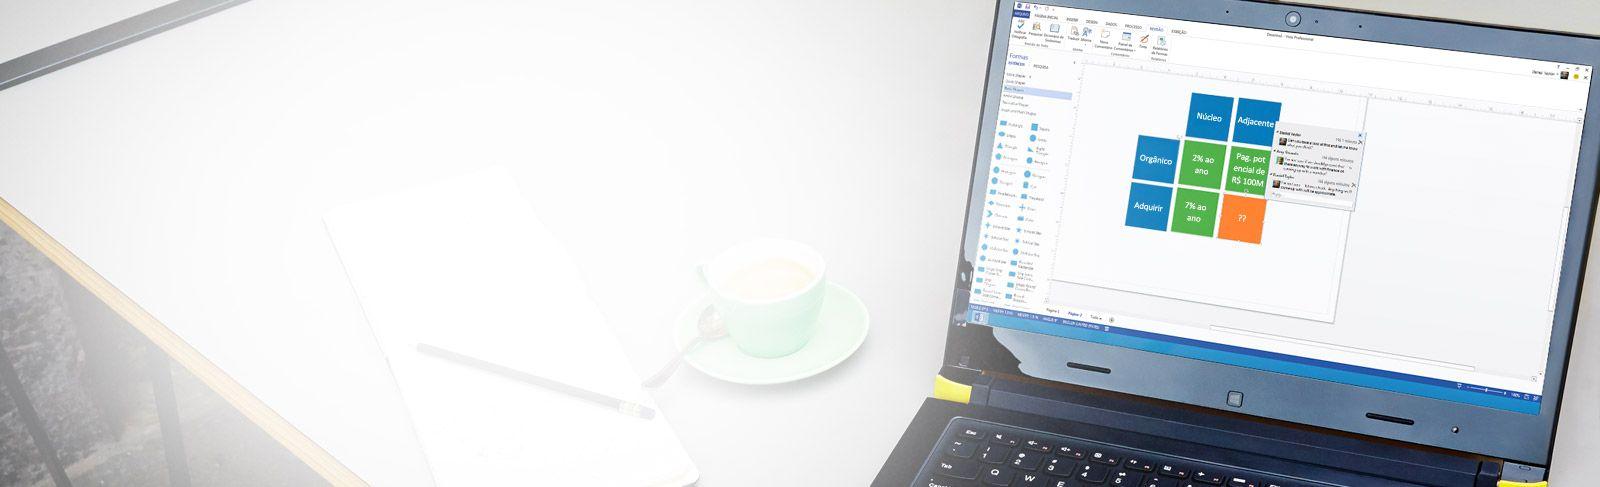 Um laptop aberto, mostrando o Visio Standard 2013 em uso.